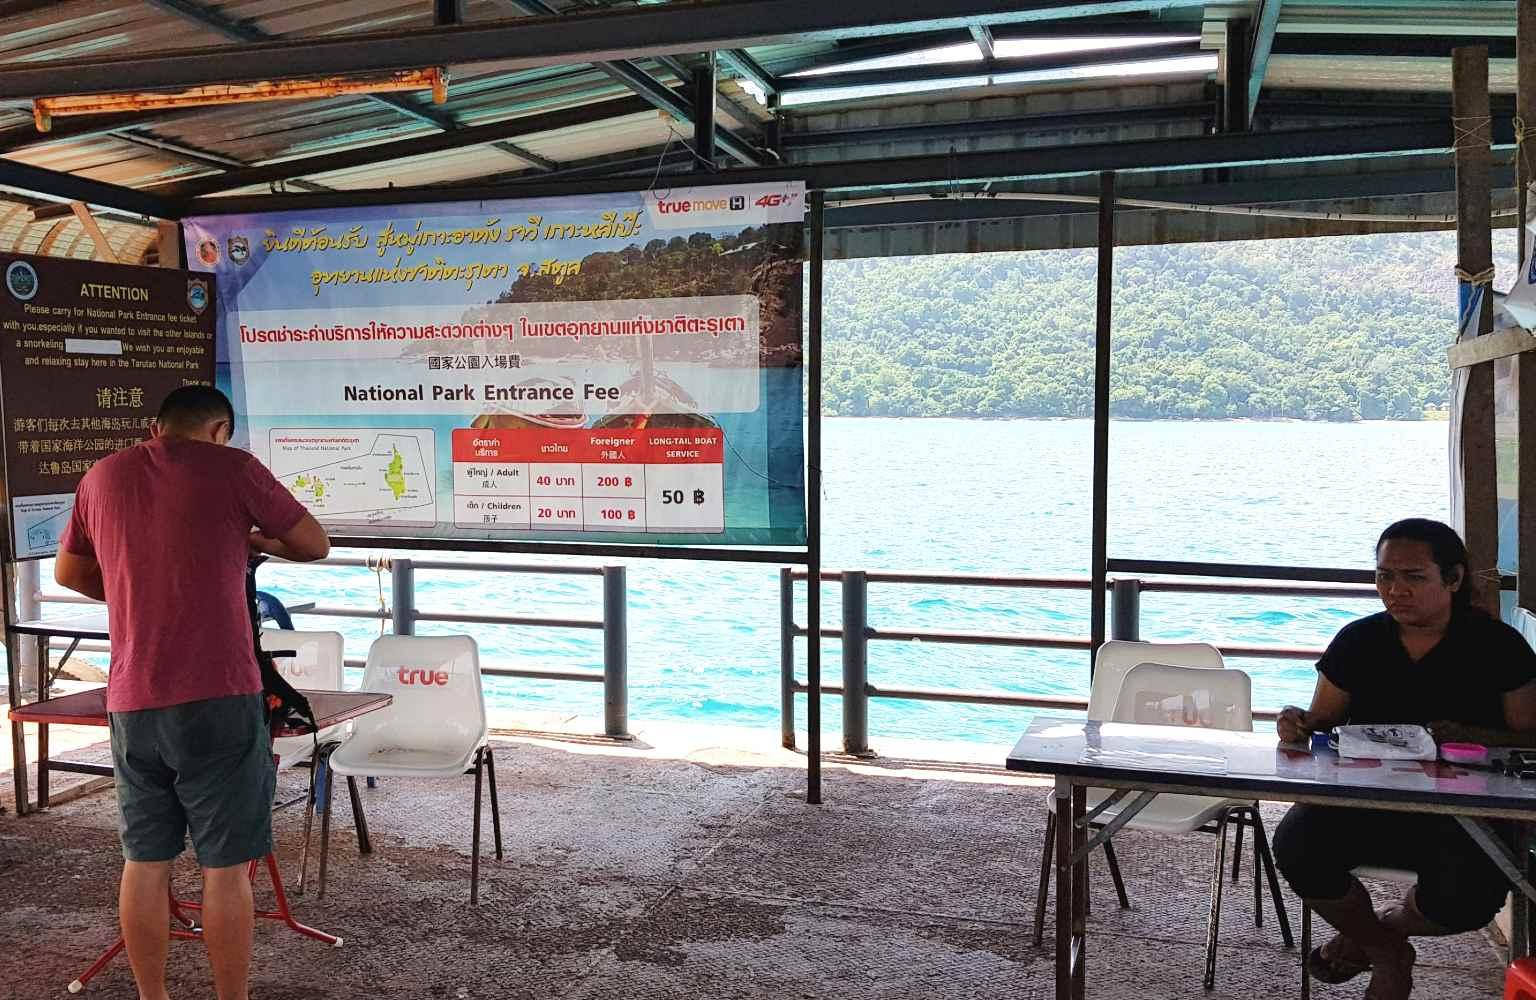 Het platform in zee bij Koh Lipe in Thailand waar je een parkfee moet betalen